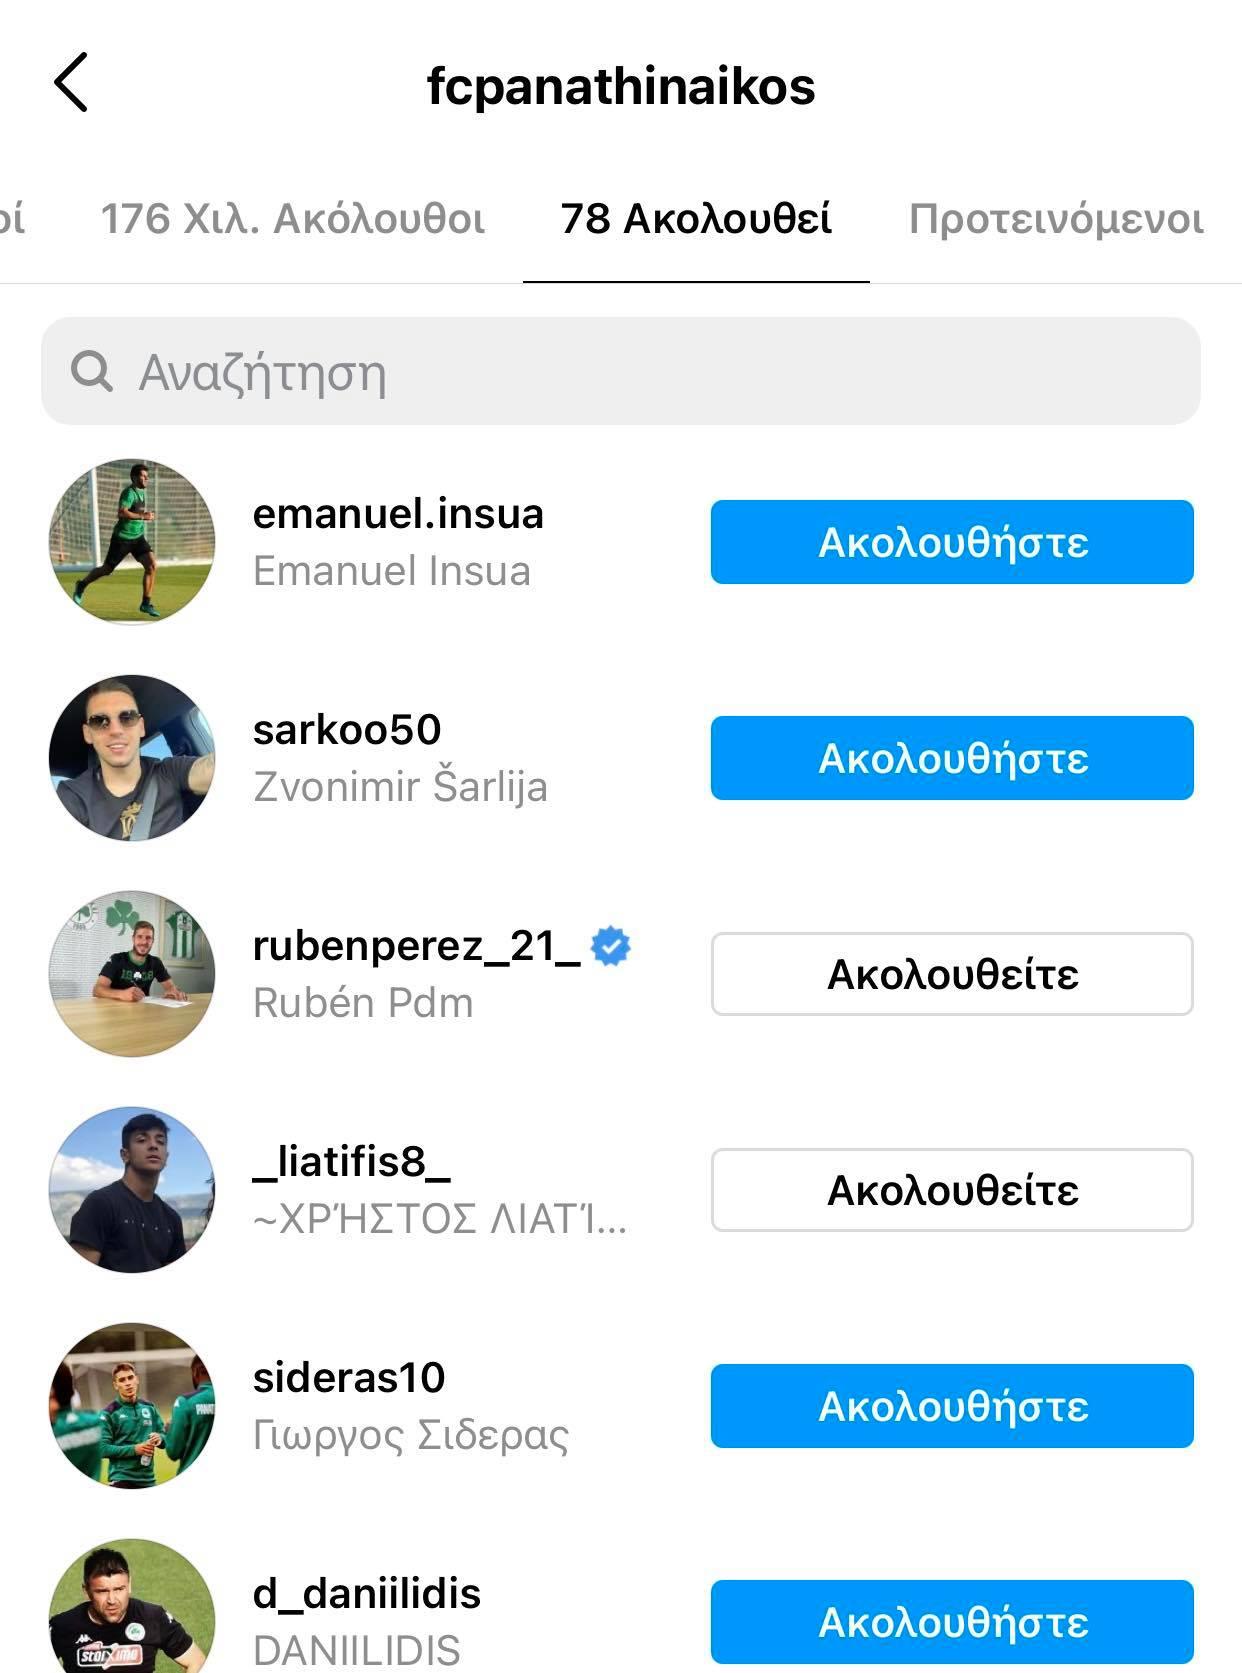 Ο Παναθηναϊκός «ακολούθησε» τον Εμάνουελ Ινσούα! (pic)